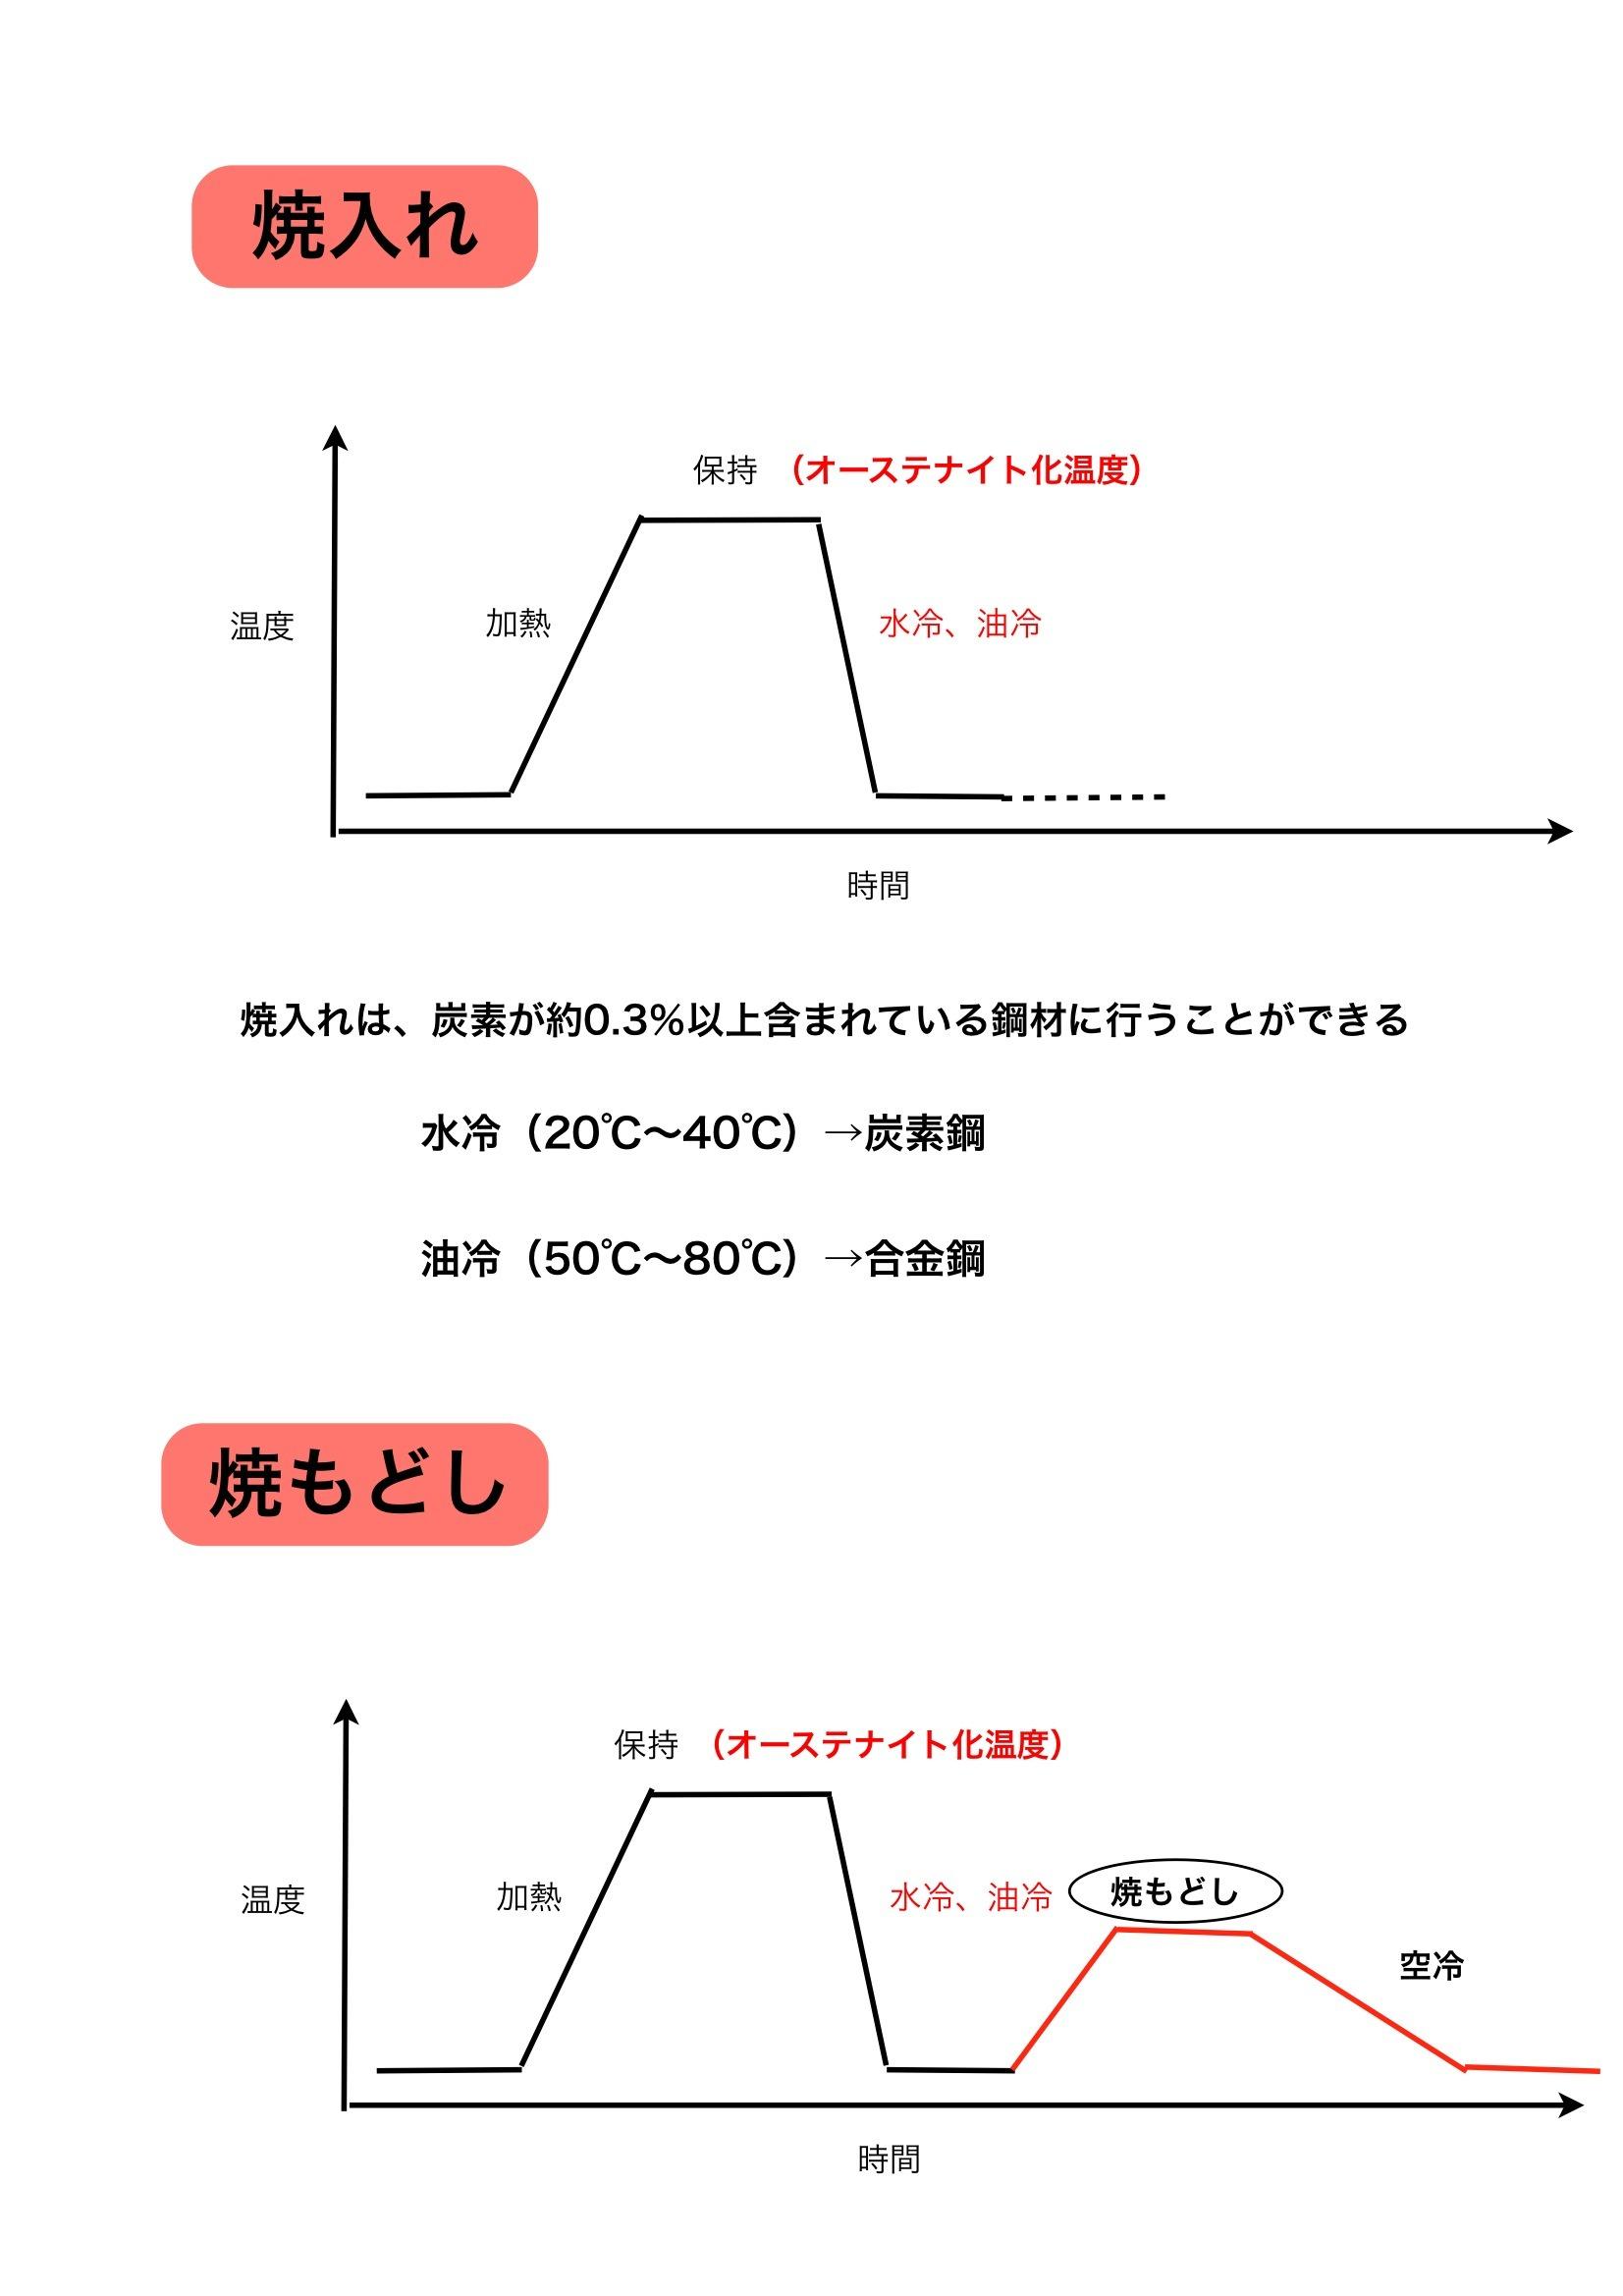 【鉄】熱処理の概要_e0159646_554947.jpg